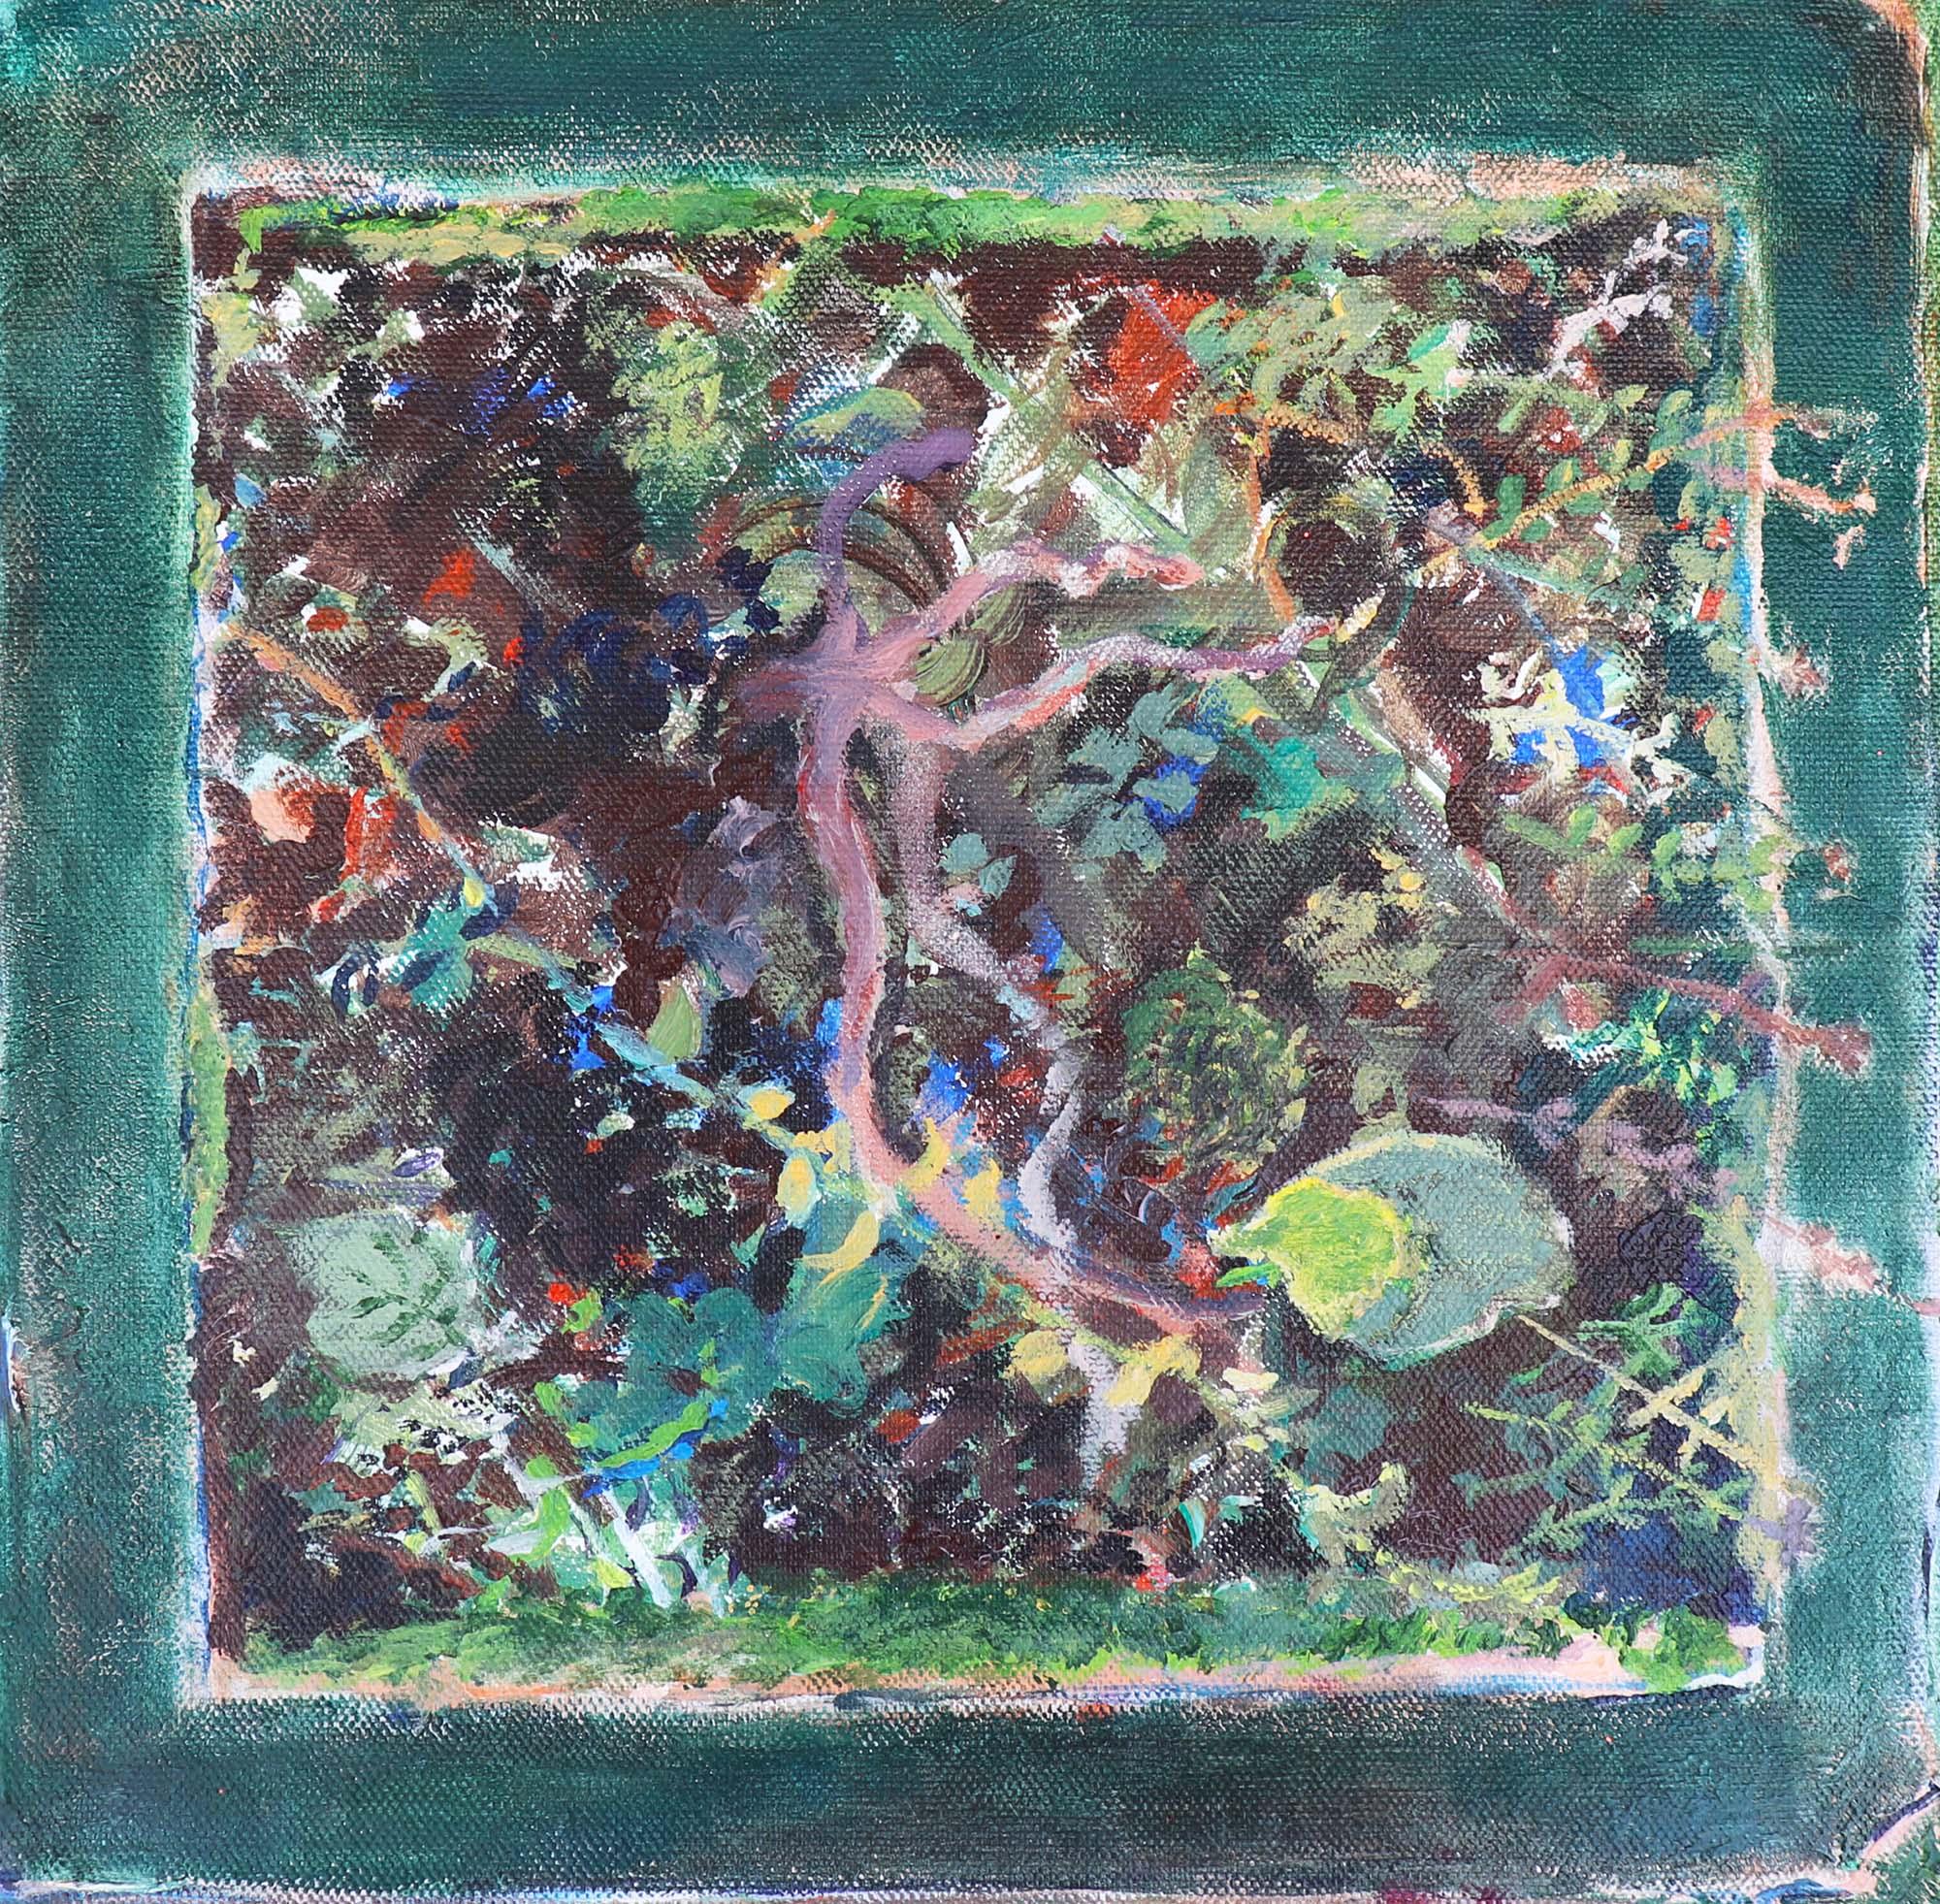 Eliska Fialova, Flowerpot 2, Acrylic on canvas, 30 x 30 cm, 2016